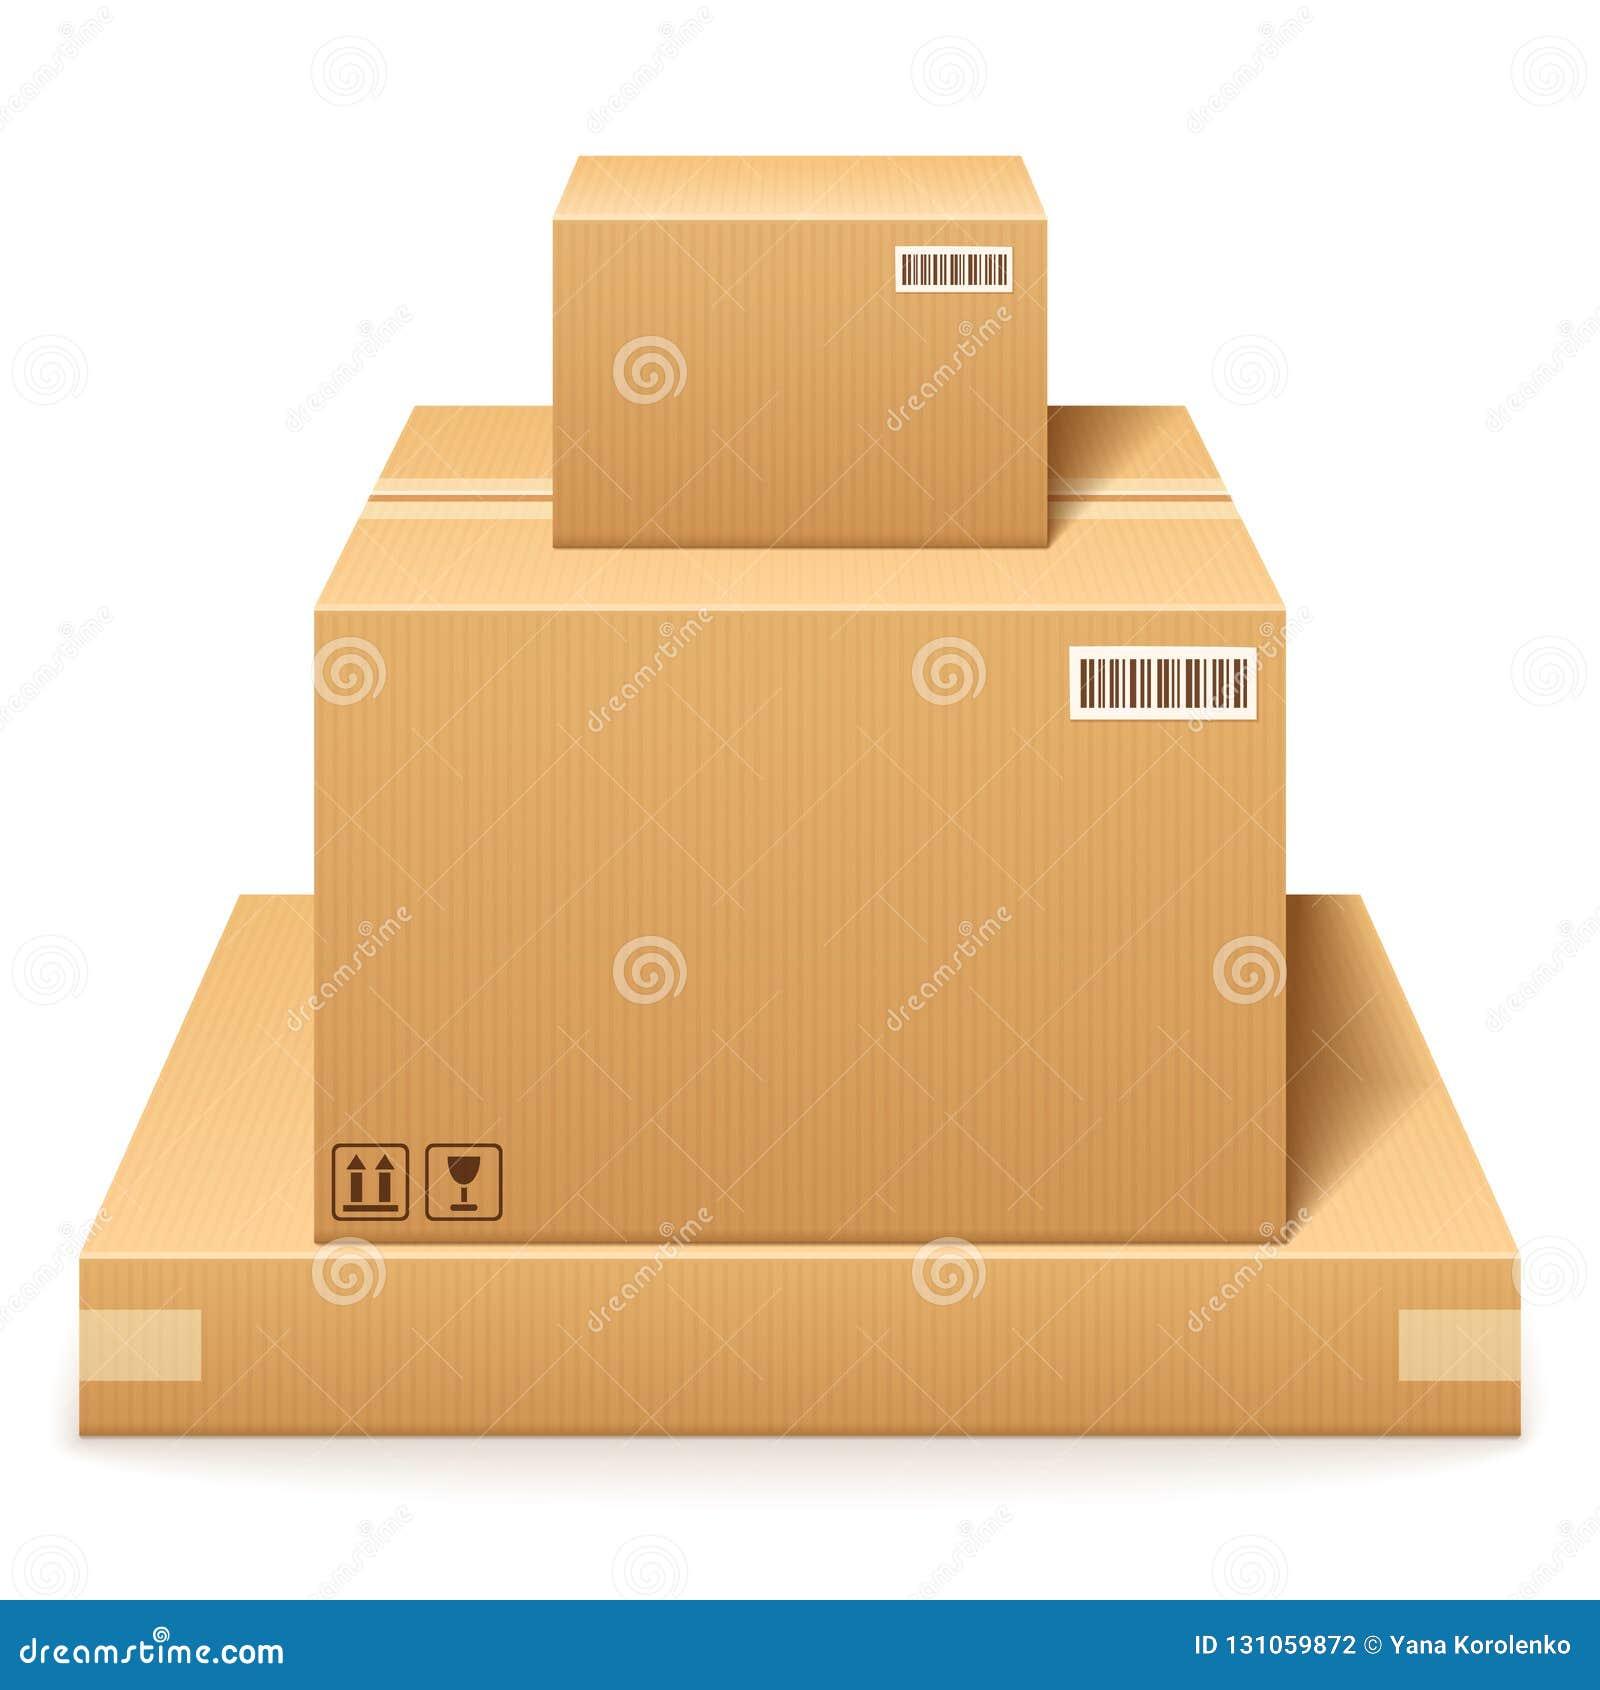 кладет картон в коробку 3 Обслуживание доставки и хранения пакета в запасе